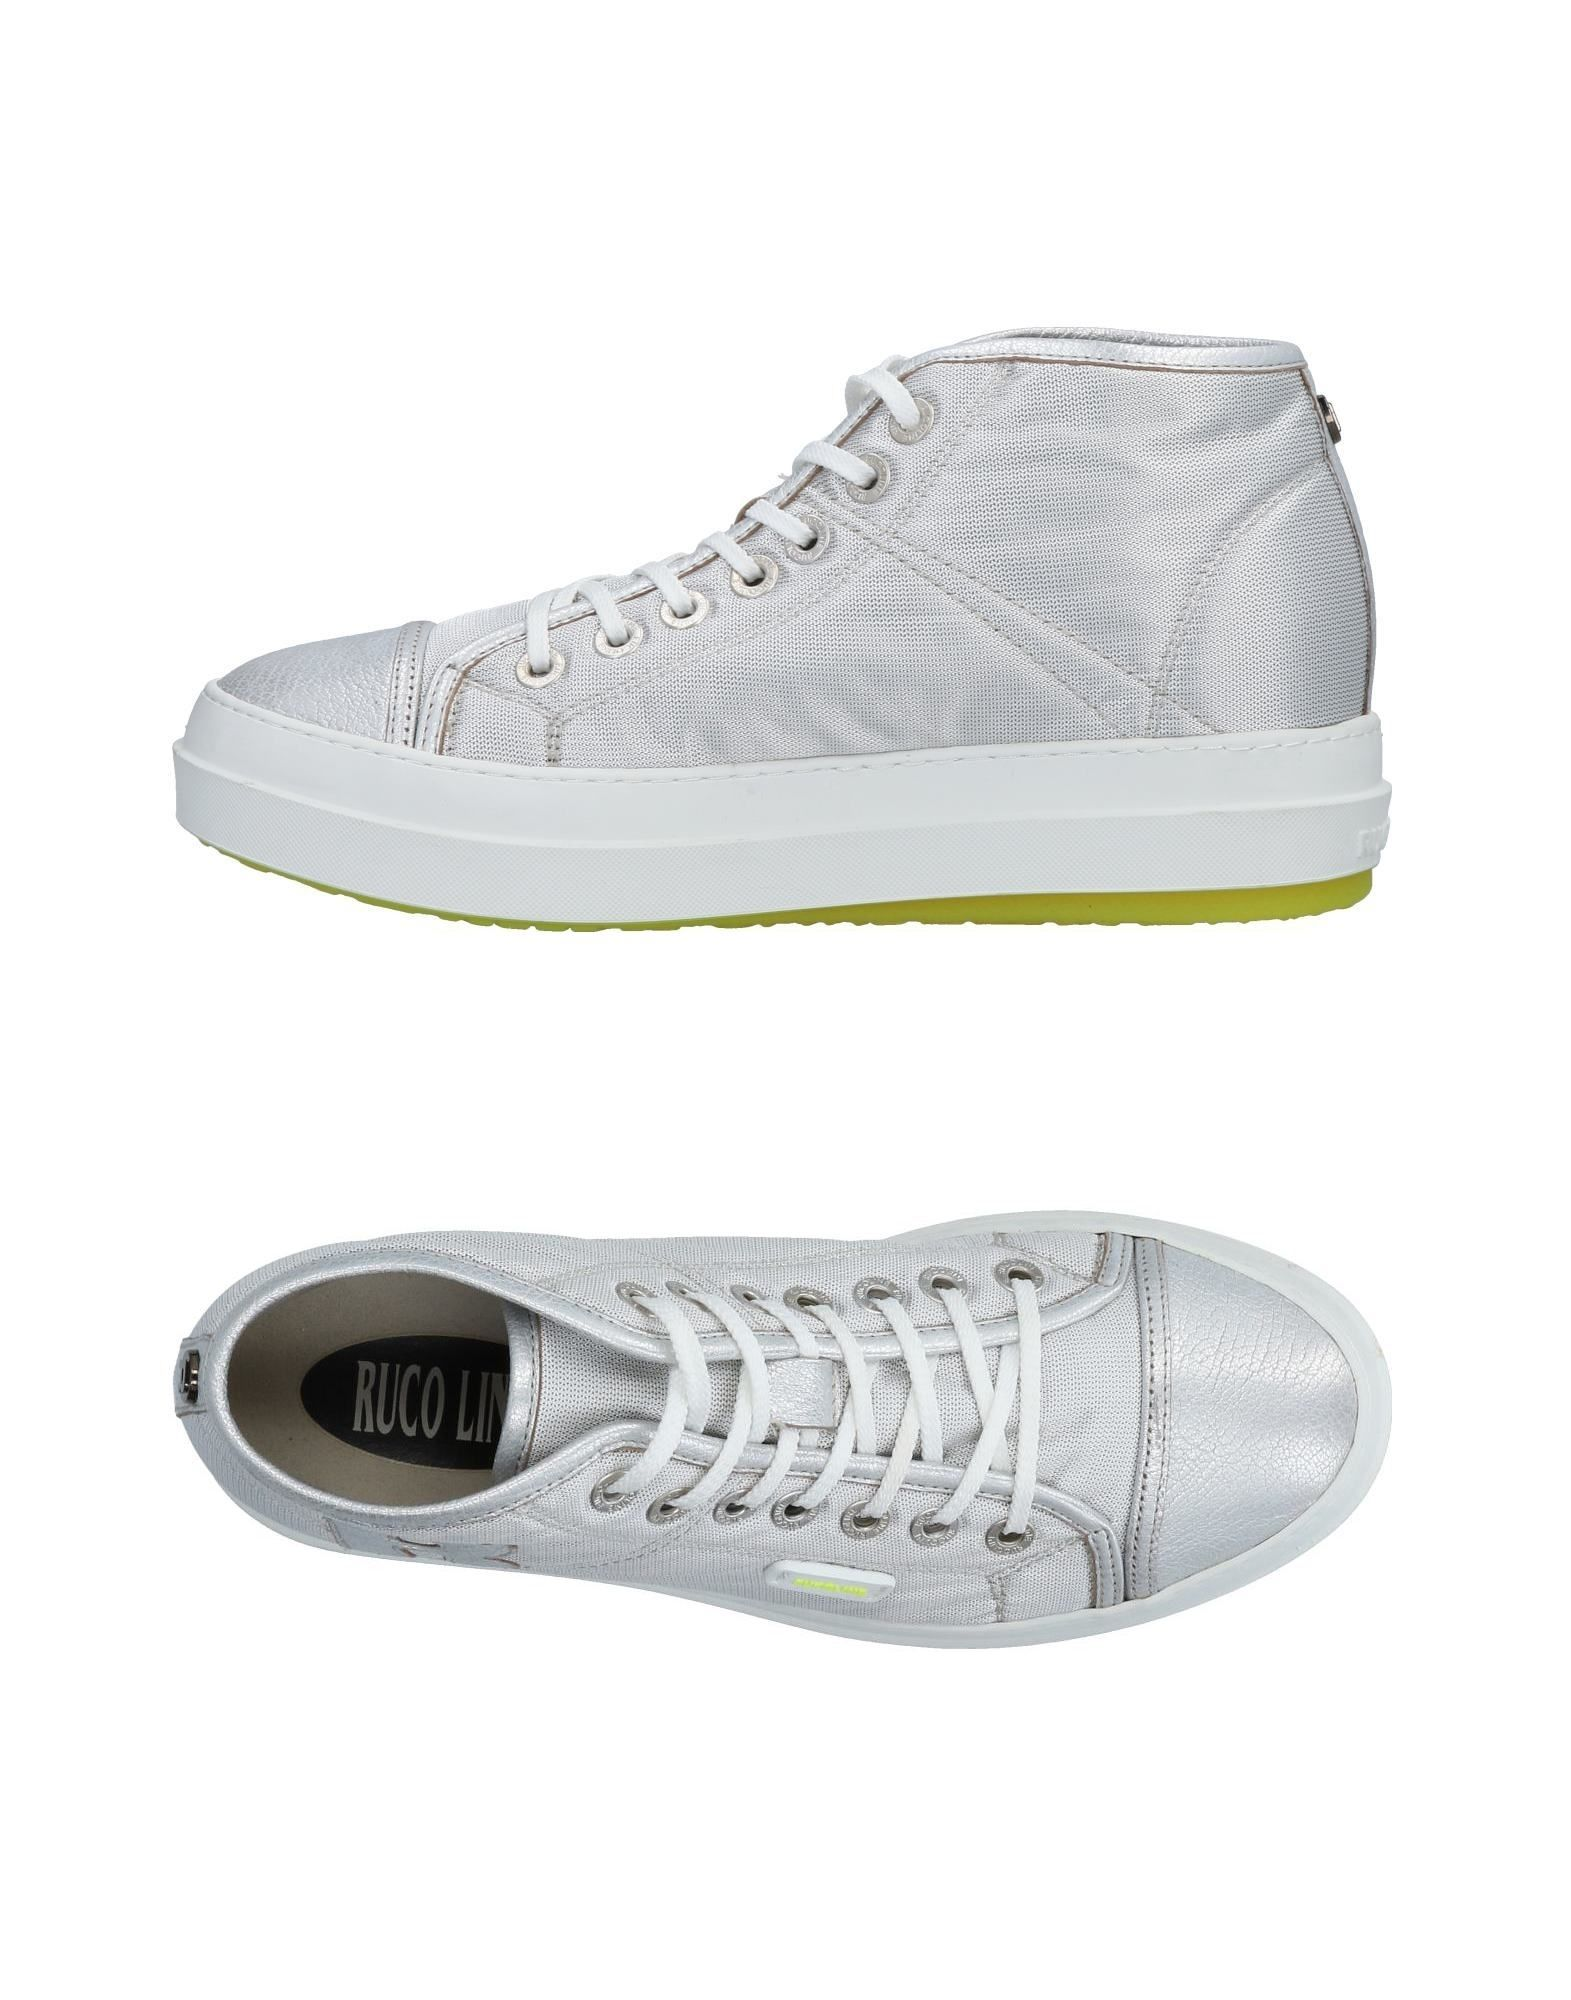 Baskets Ruco Line Femme - Baskets Ruco chaussures Line Vert clair Les chaussures Ruco les plus populaires pour les hommes et les femmes c81be3